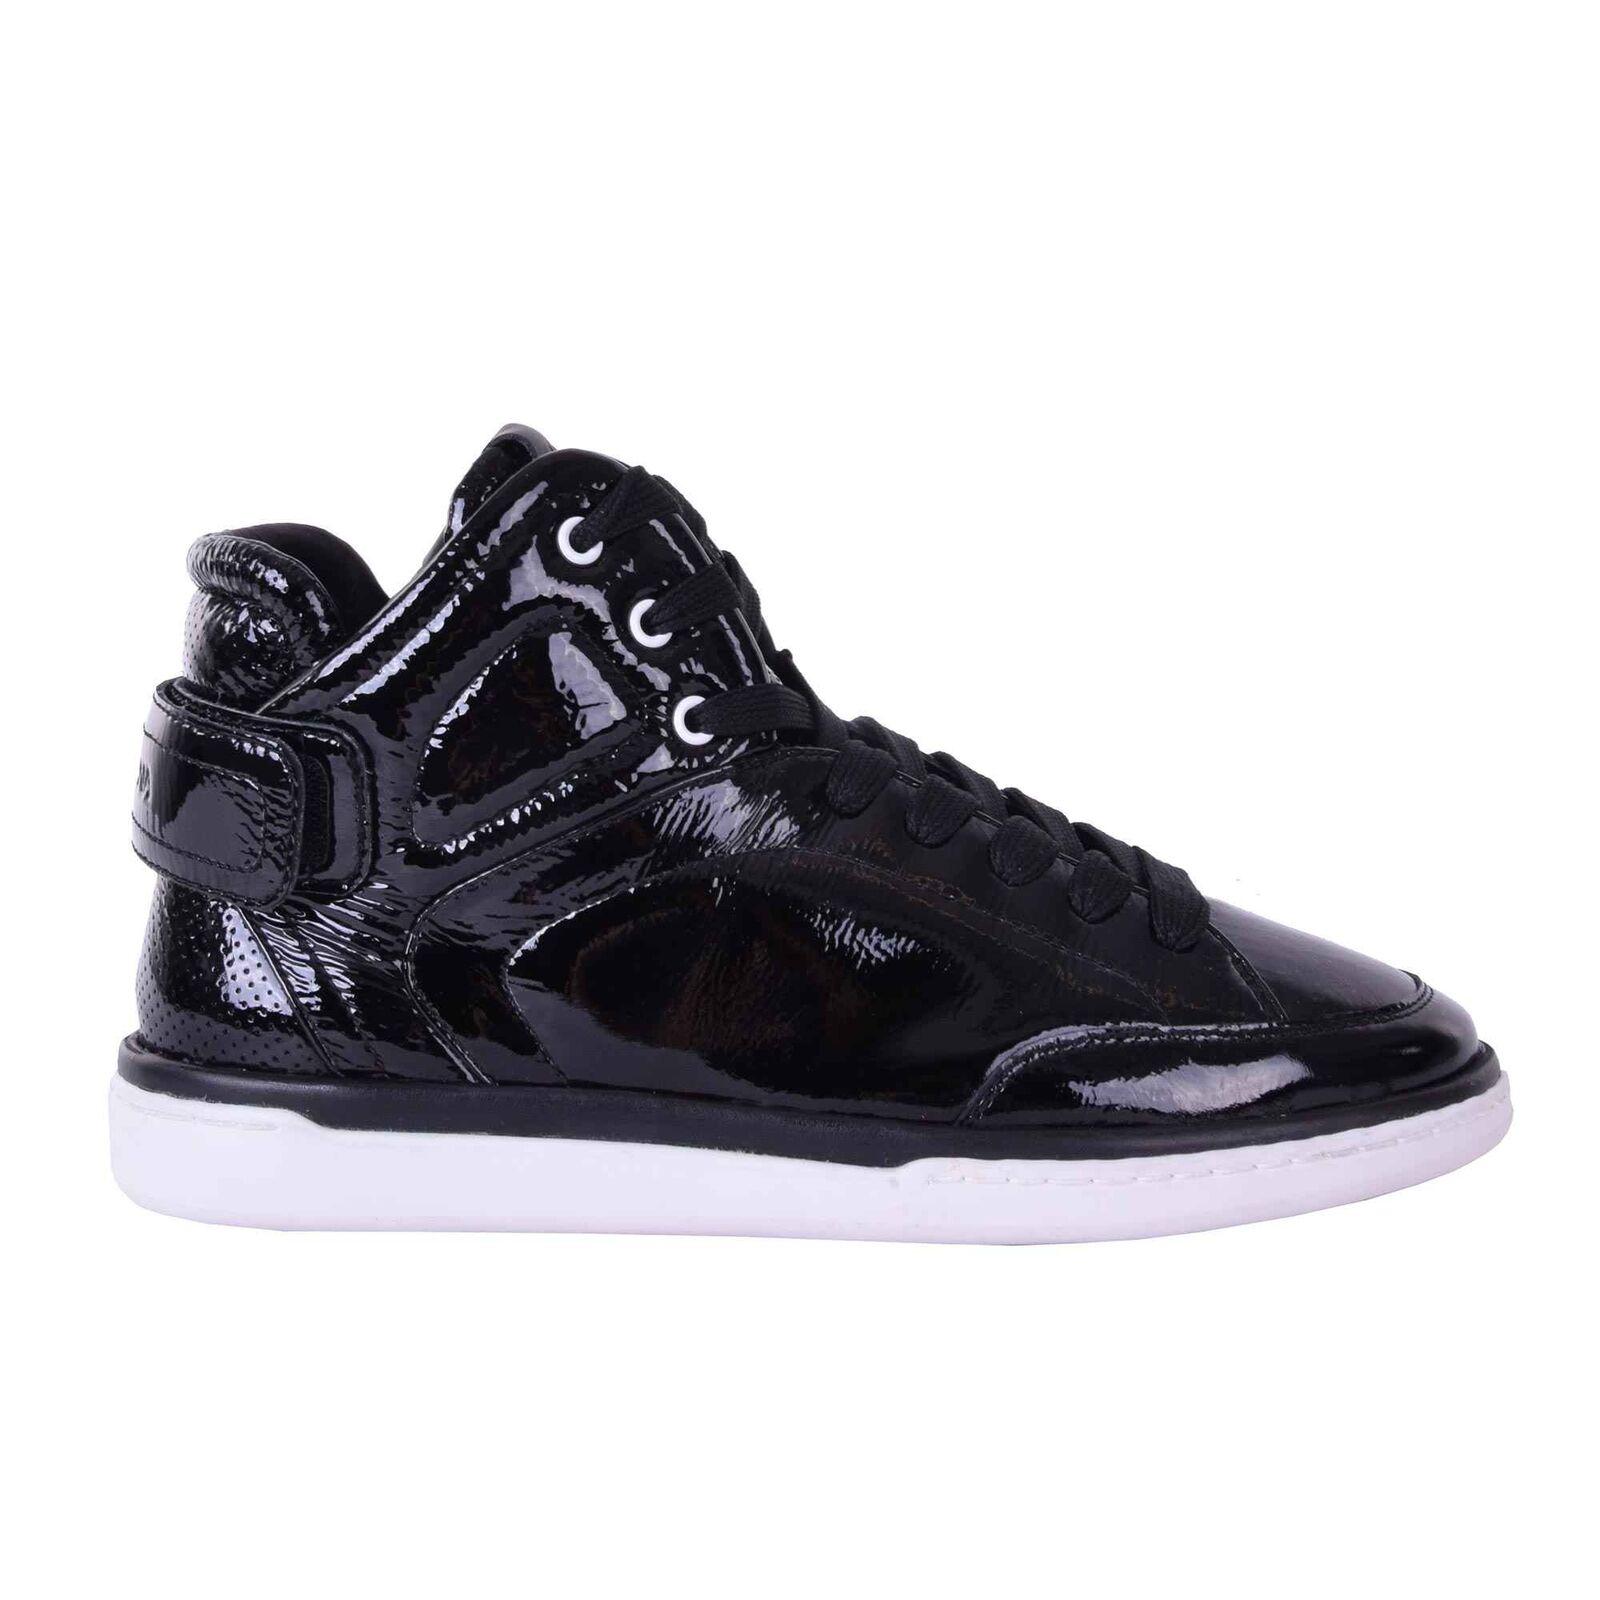 brand new 5b38a 248fe 2018 Nike Air Jordan 1 Retro I High OG OG OG Bred Toe Black Red White size  9.5 NDC c884be